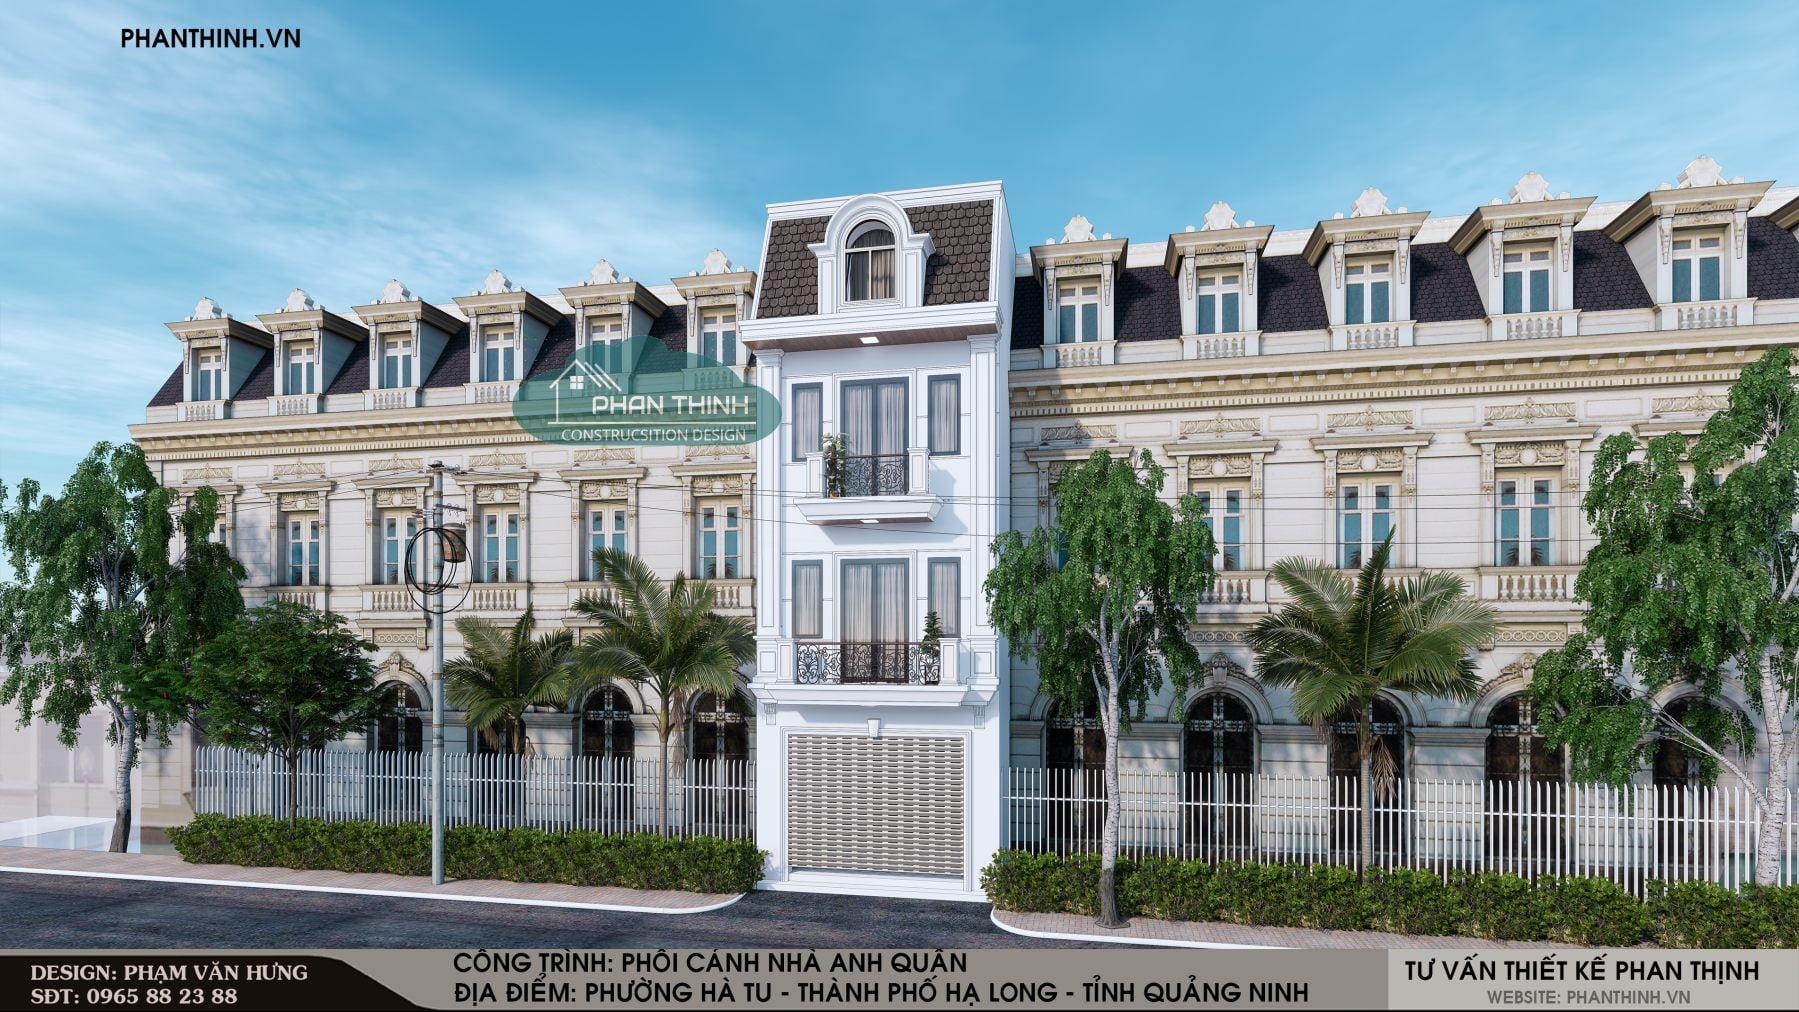 Mẫu thiết kế mặt tiền nhà 3 tầng 1 tum tân cổ điển mặt tiền 5m tại thành phố Hạ Long